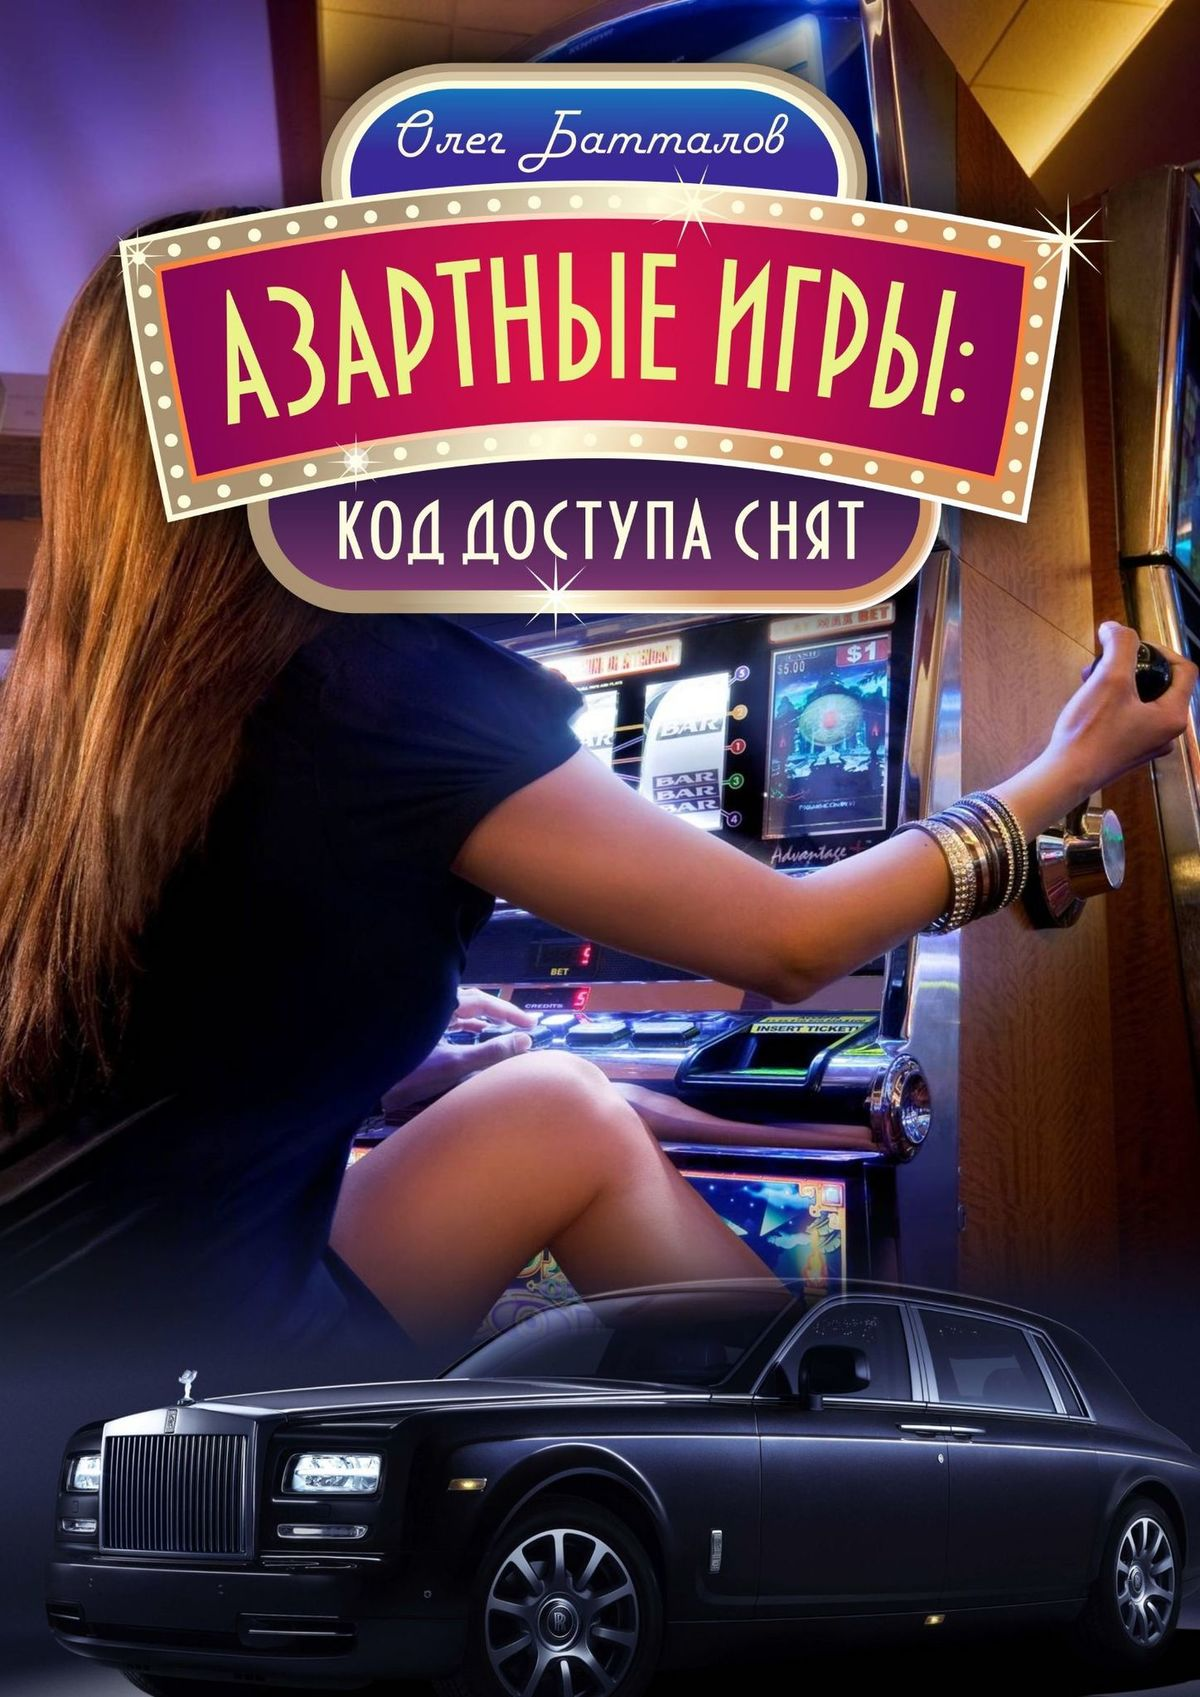 Олег Батталов Азартныеигры составитель николай вист азартные игры 10 000 советов для игроков и не только